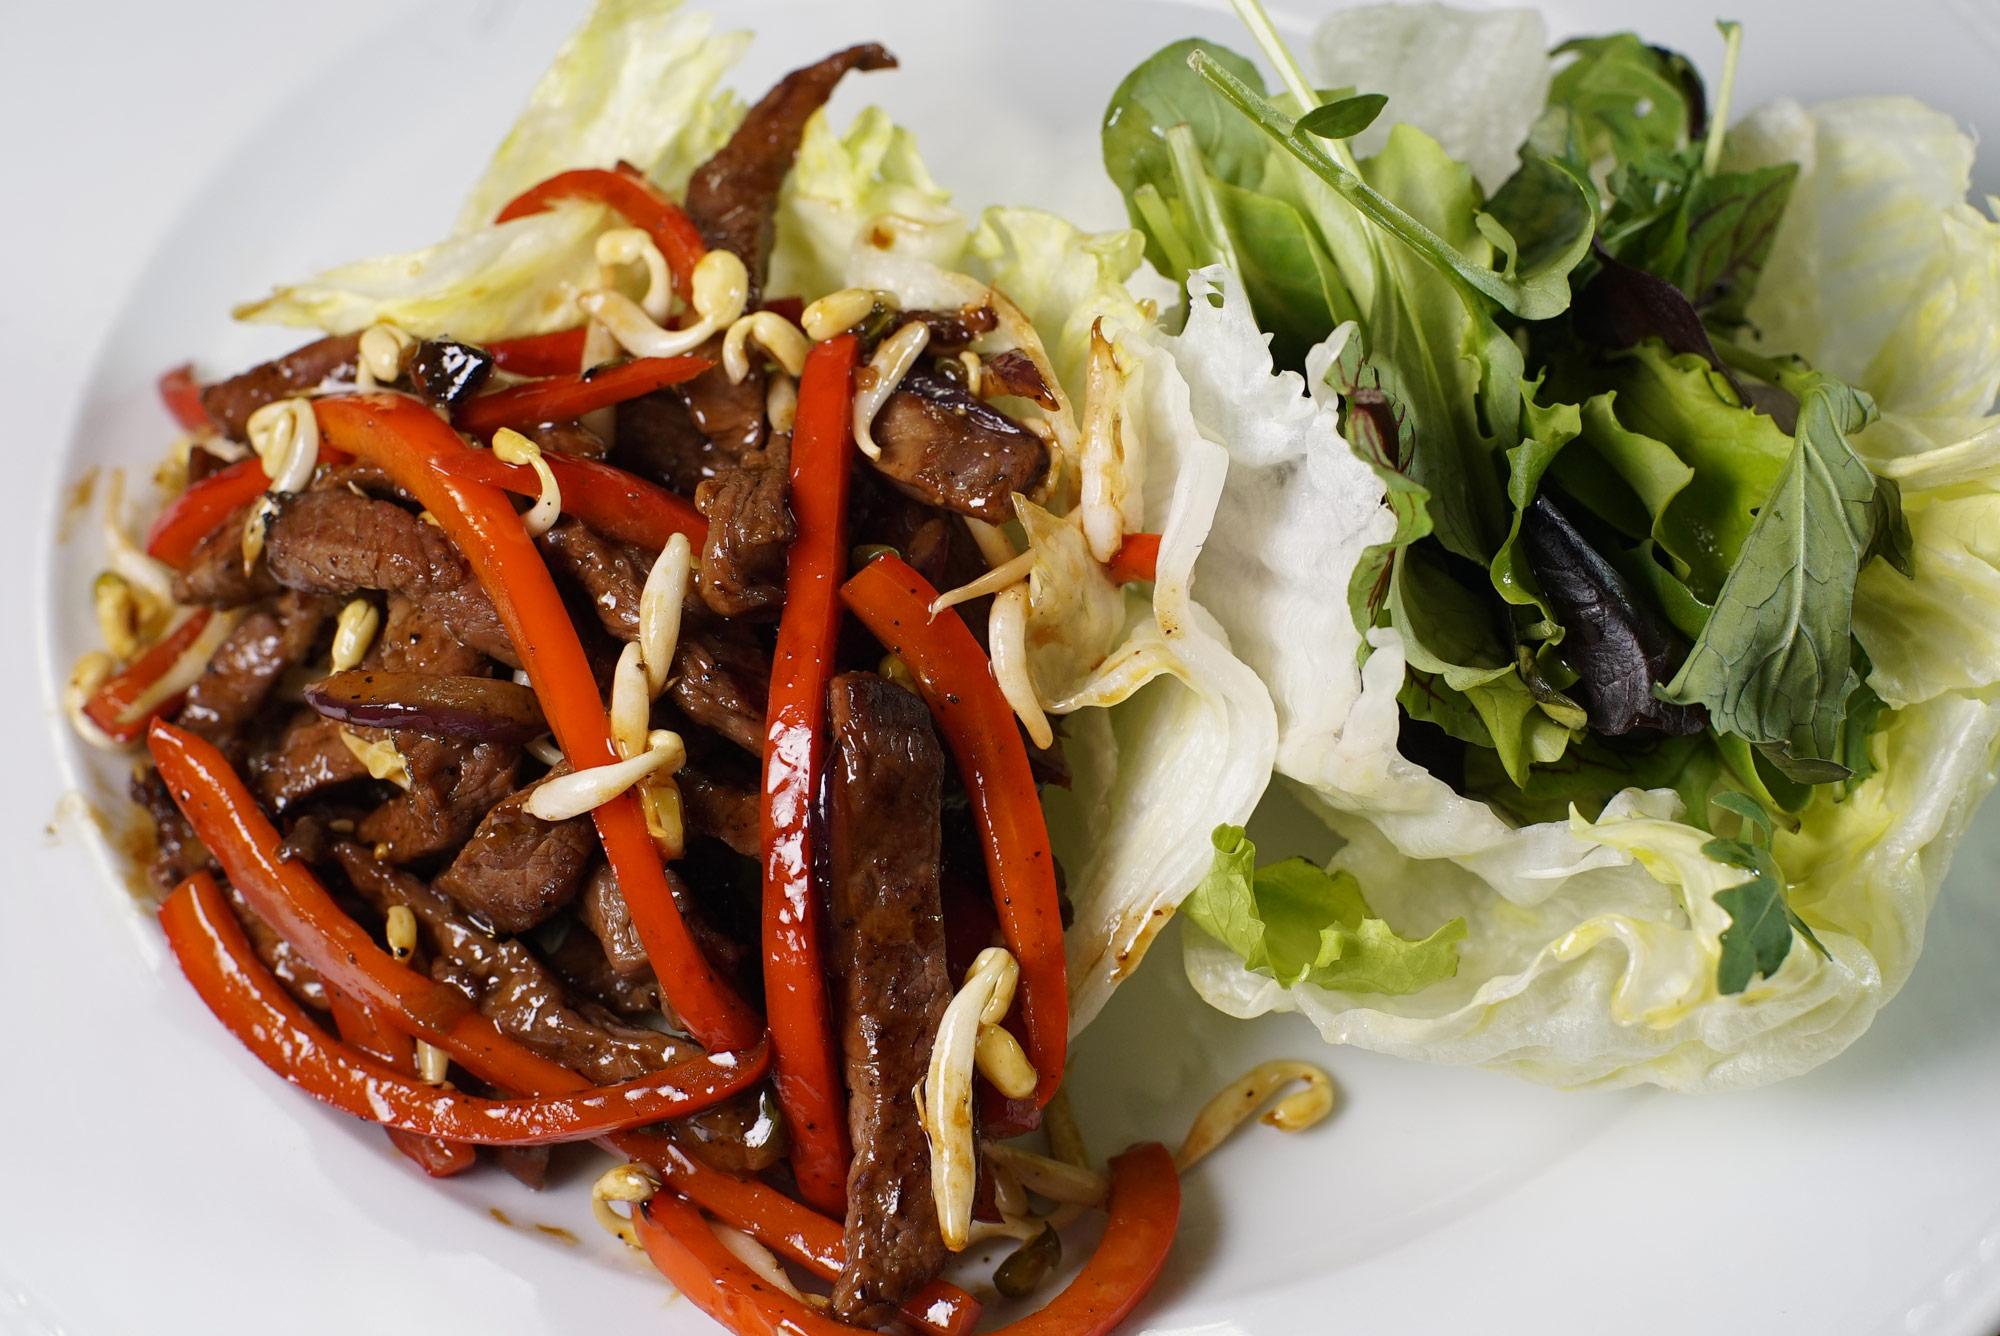 Салат с печёной говядиной